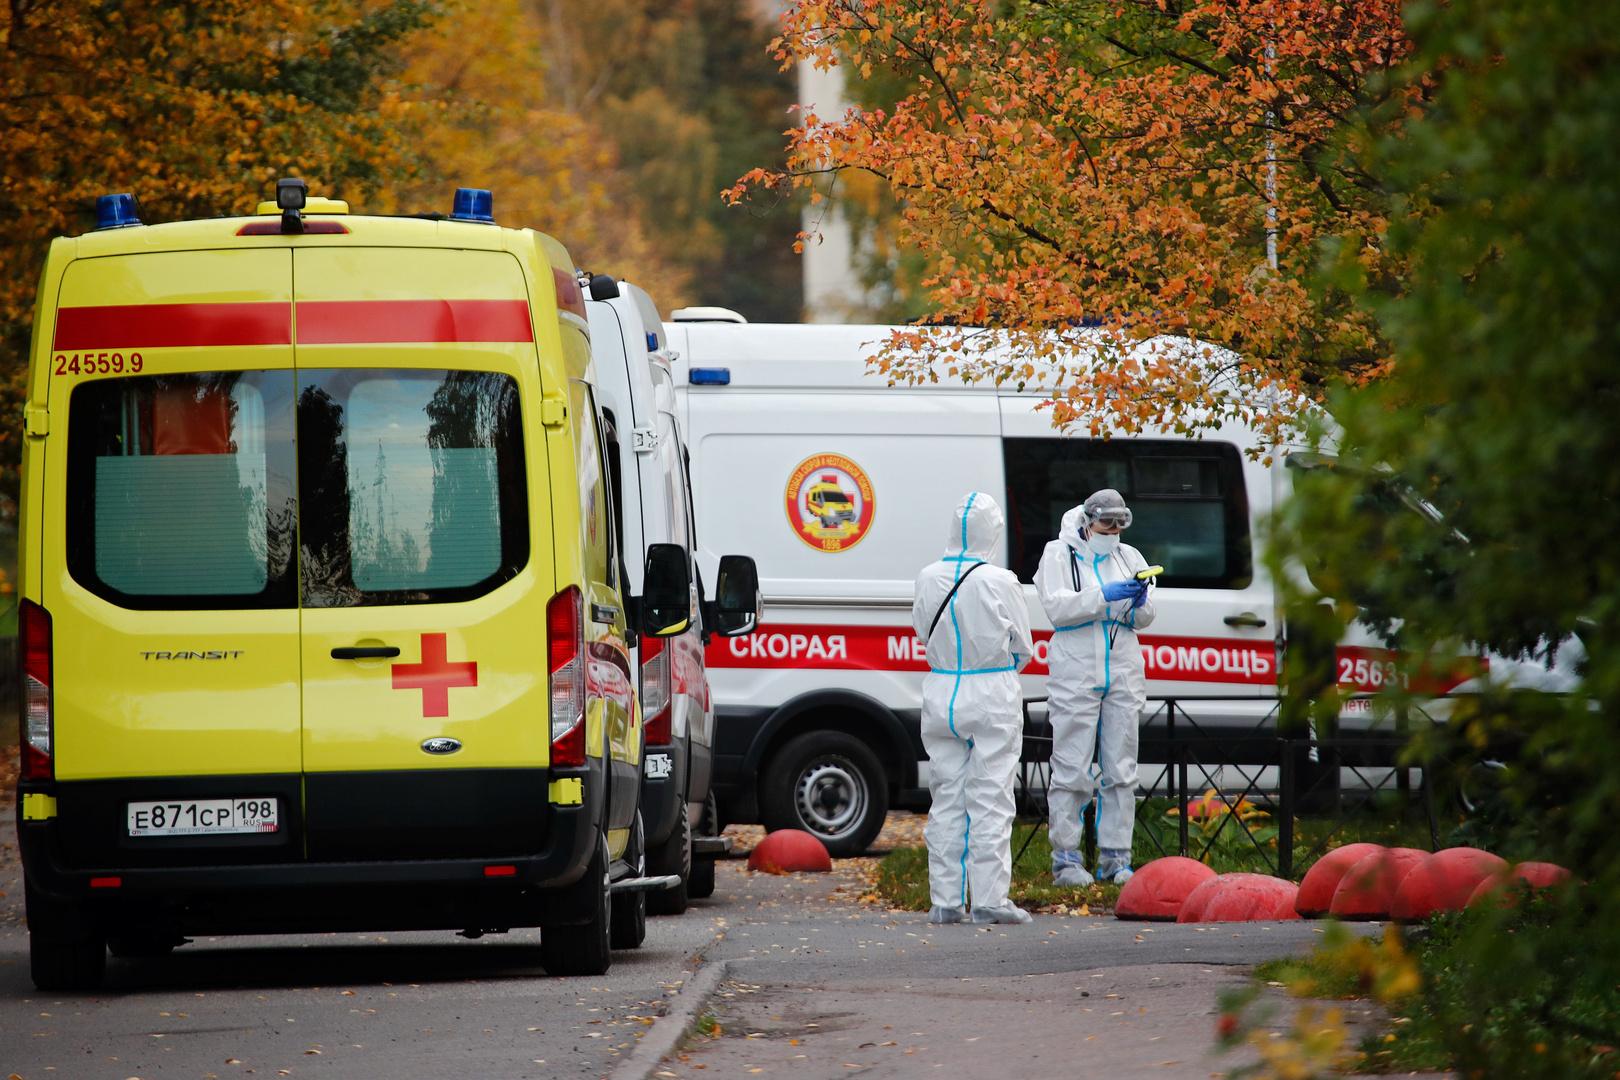 بانتظار التلقيح الشامل.. روسيا تسجل أعلى حصيلة يومية في عدد إصابات كورونا